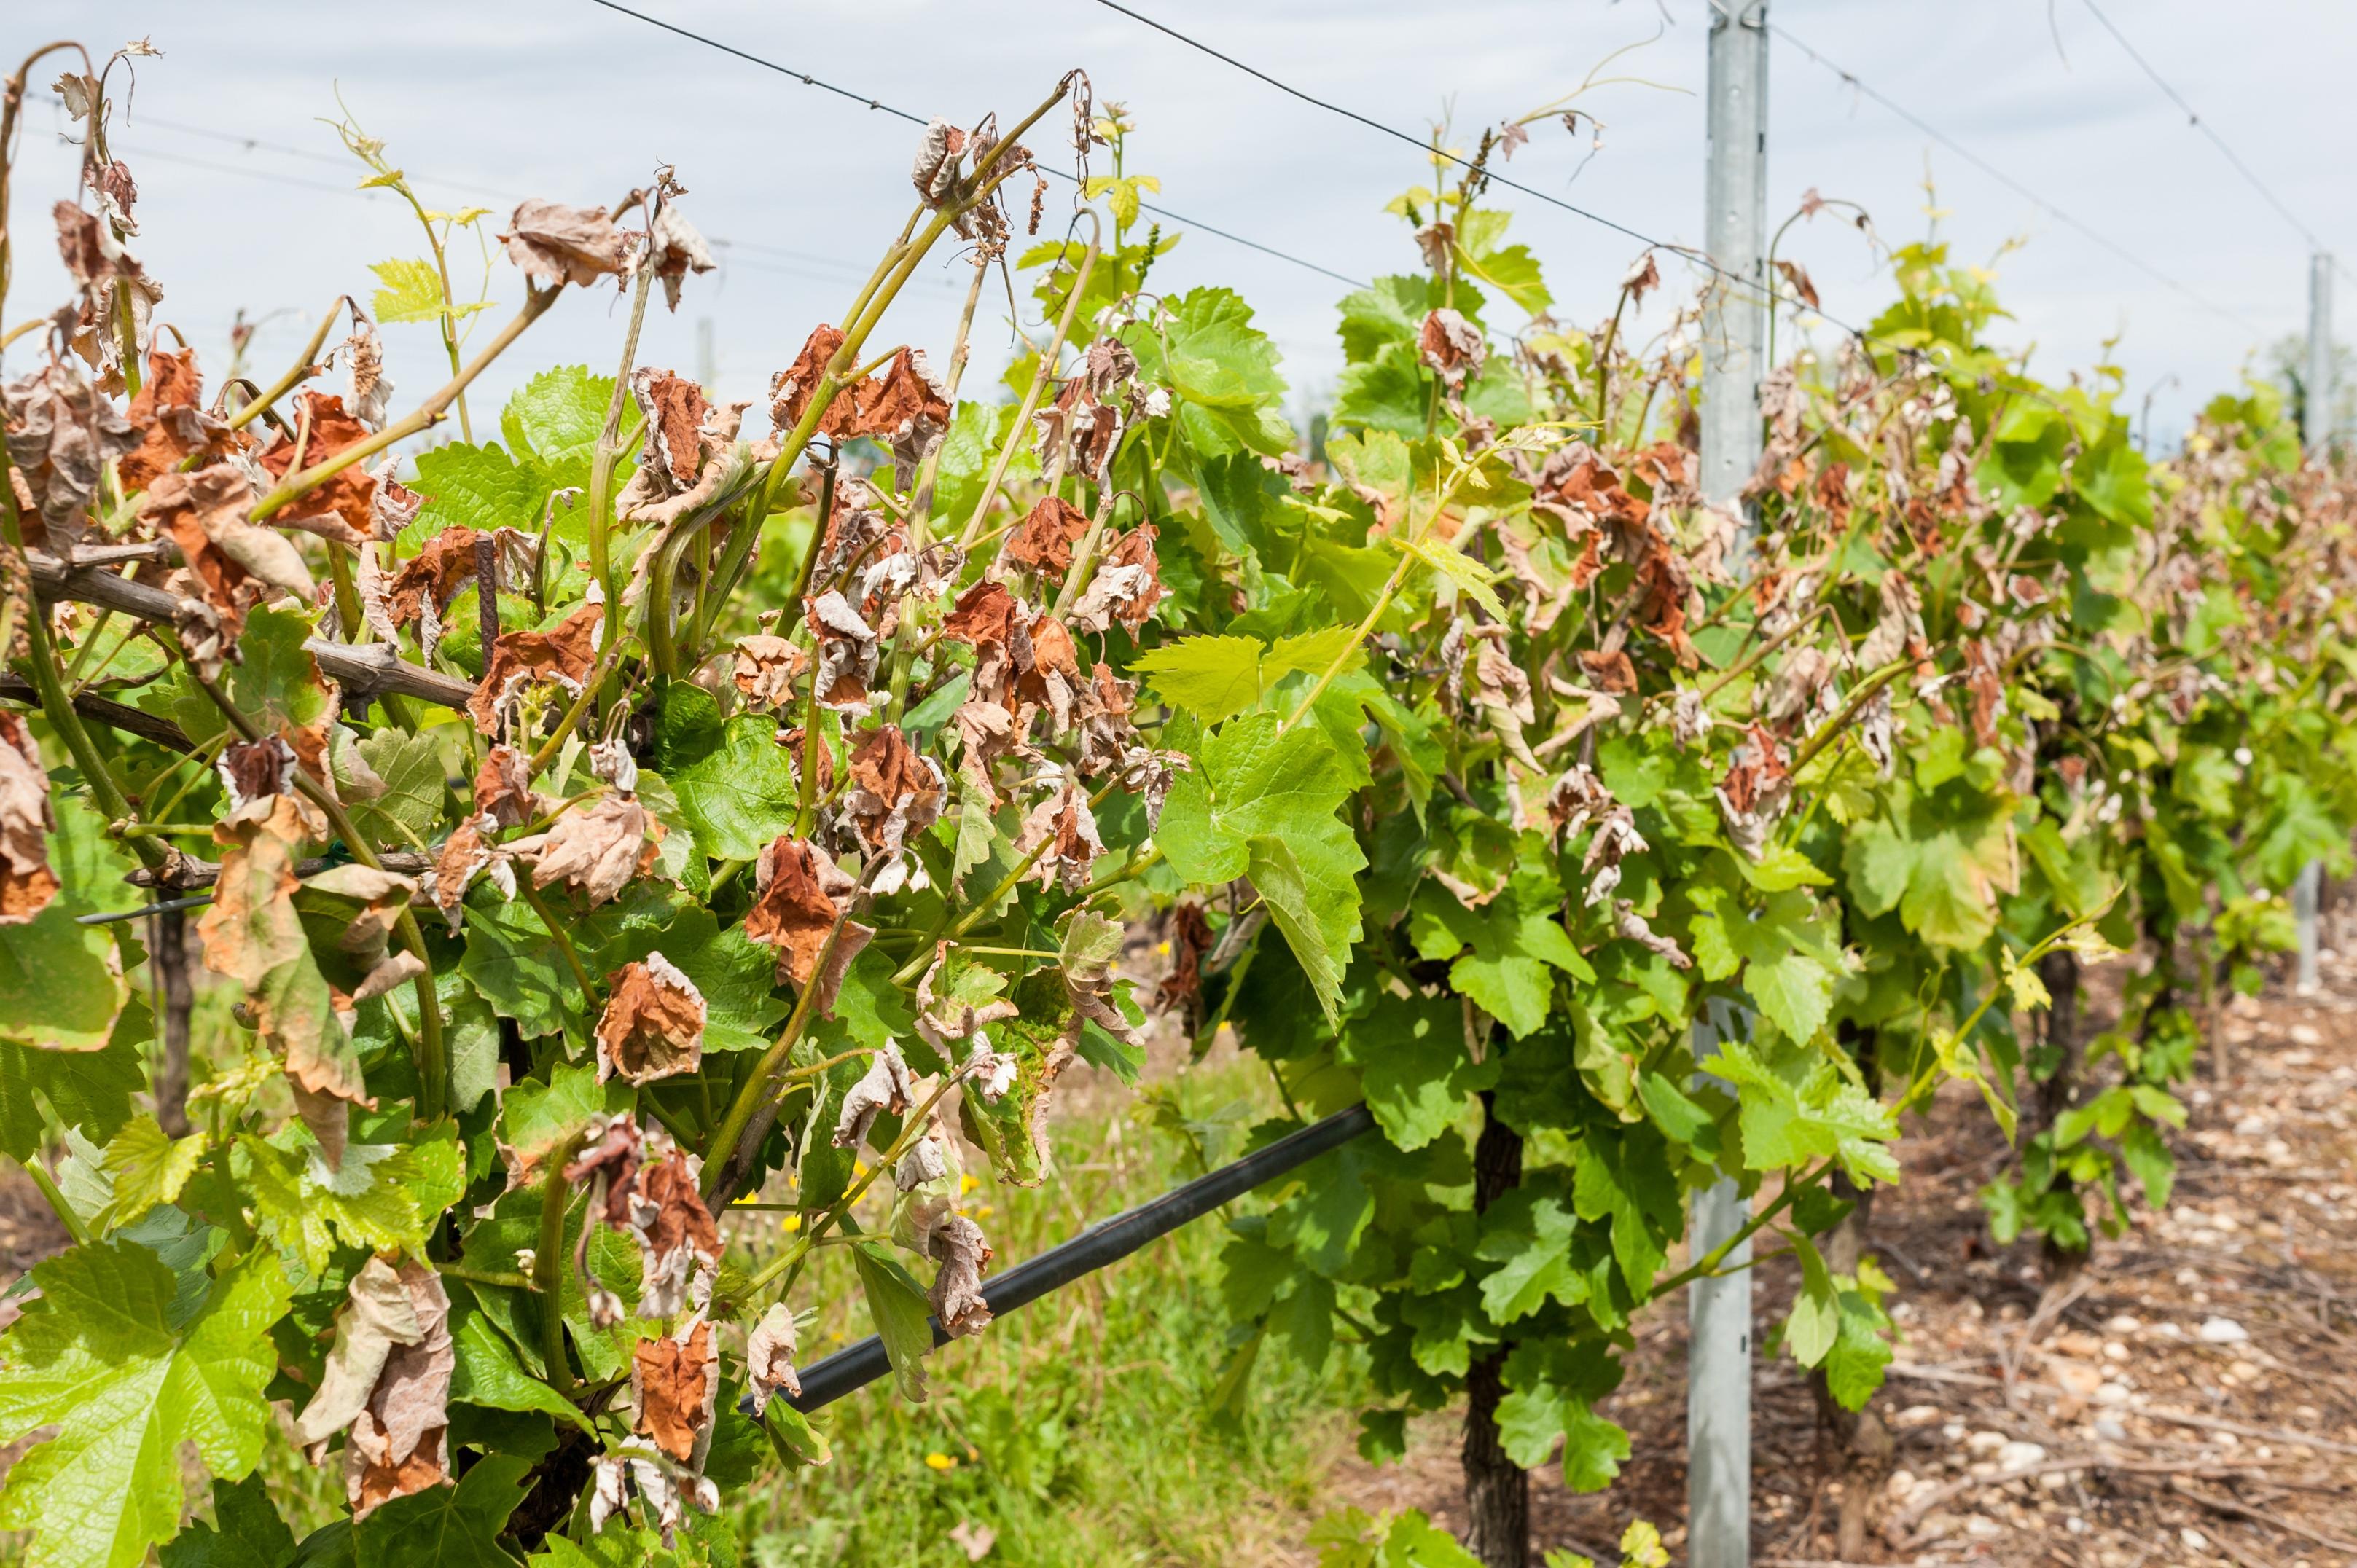 Eisheilige Datum kalte eisheilige im warmen mai industrieverband agrar